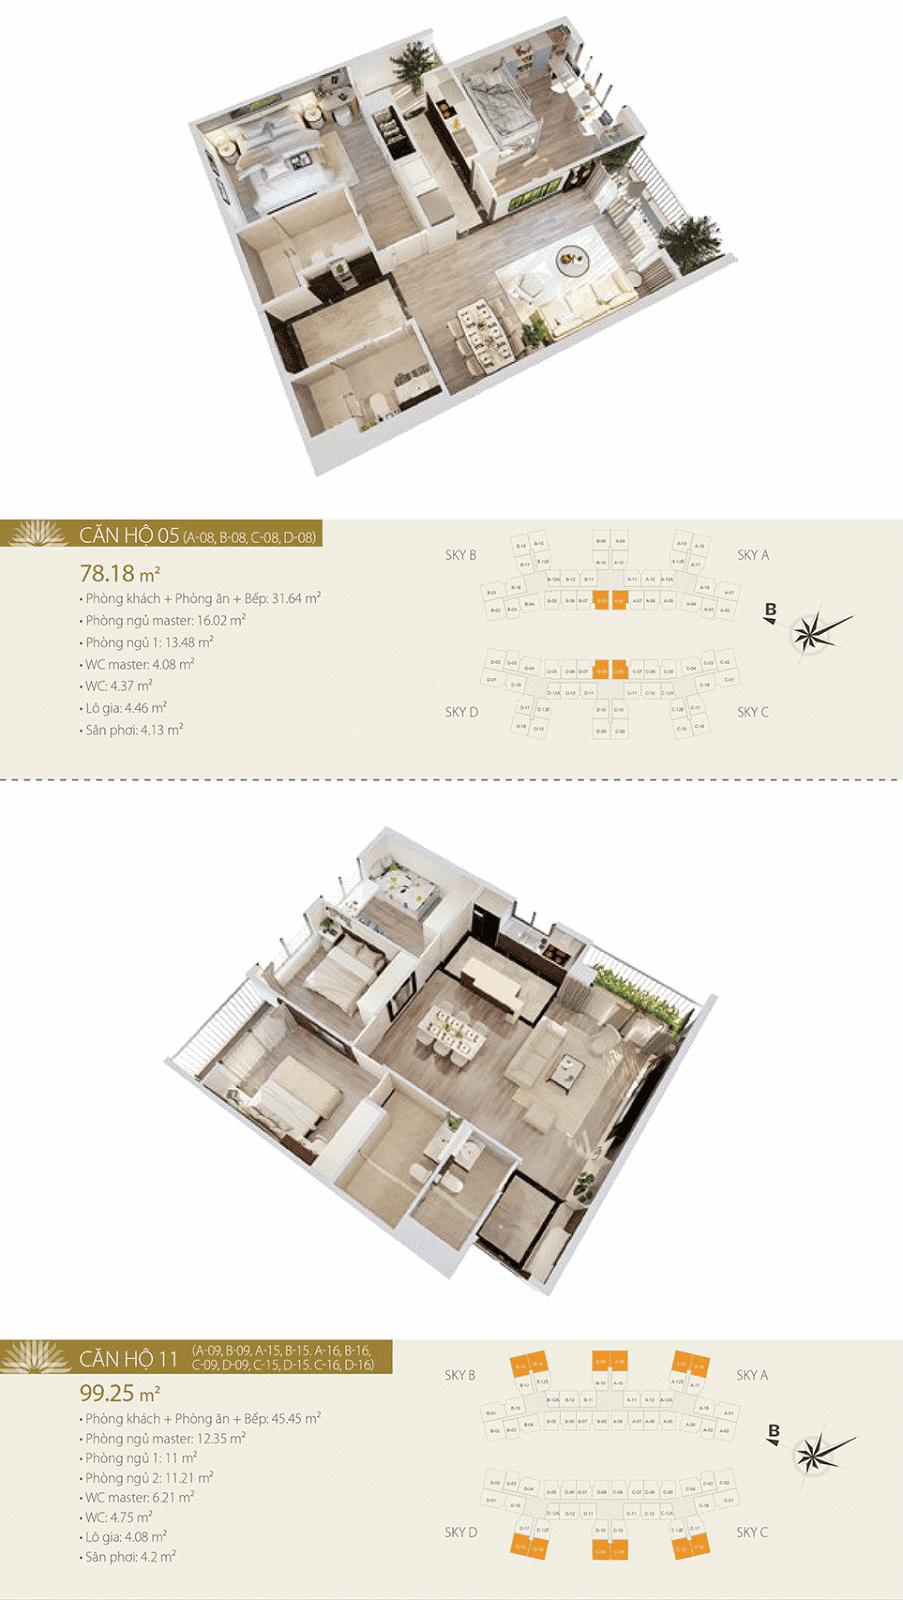 Mặt bằng chi tiết căn hộ 05 và 11 - Imperia Sky Garden